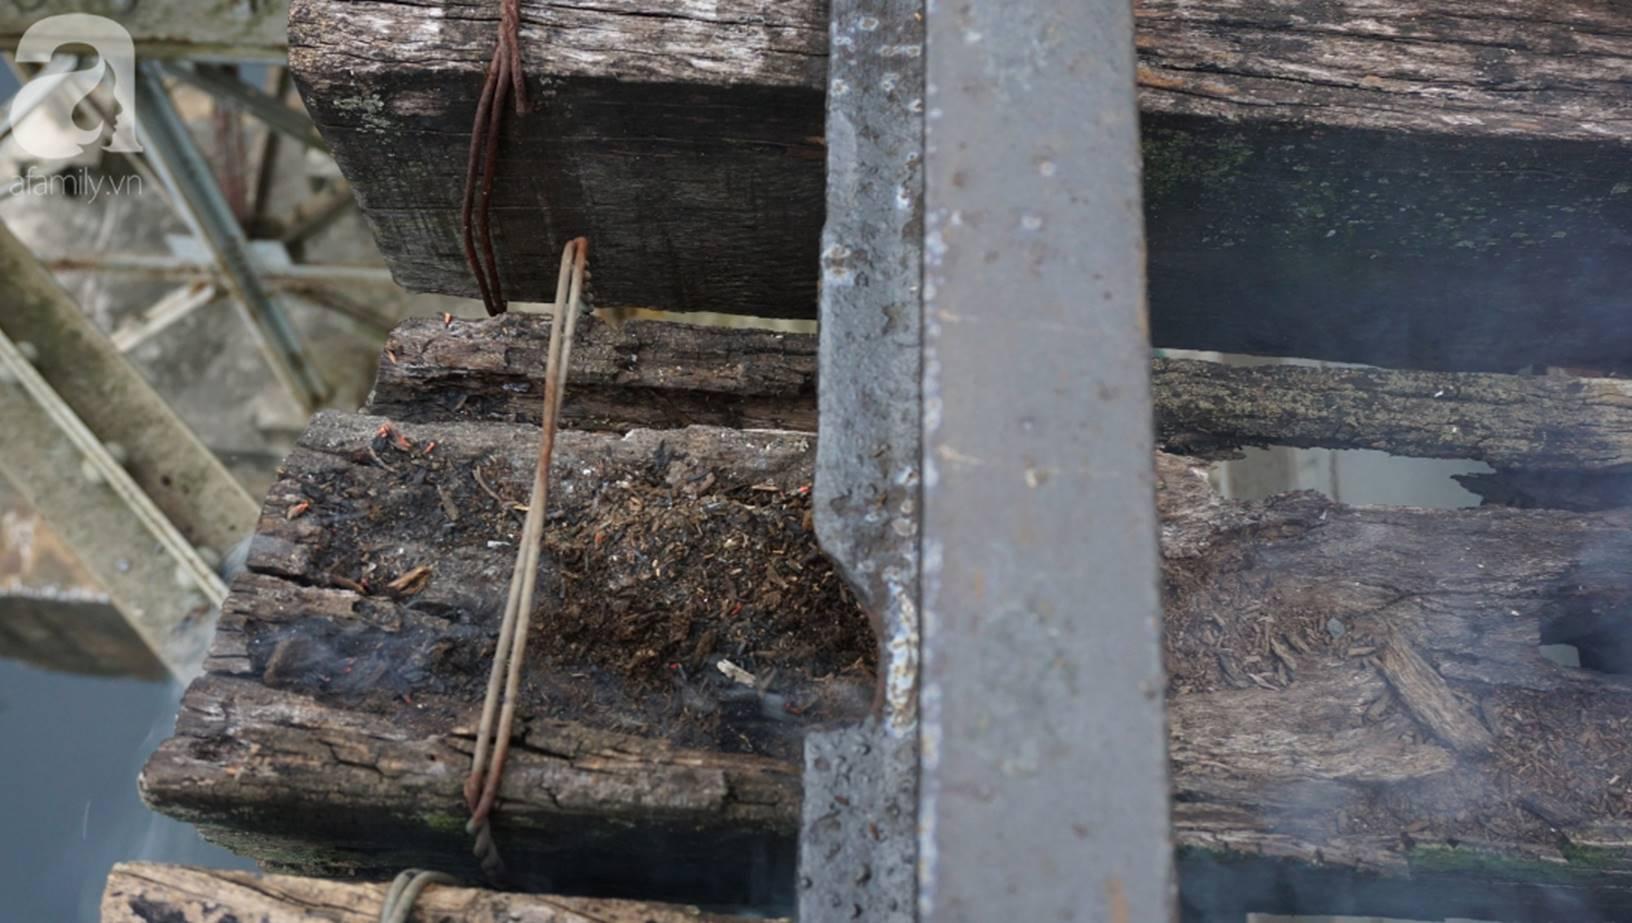 Hà Nội: Vứt tàn thuốc gây cháy dầm gỗ cầu Long Biên, nhóm nam thanh nữ tú vẫn vô tư chụp ảnh sống ảo trên đường ray-3